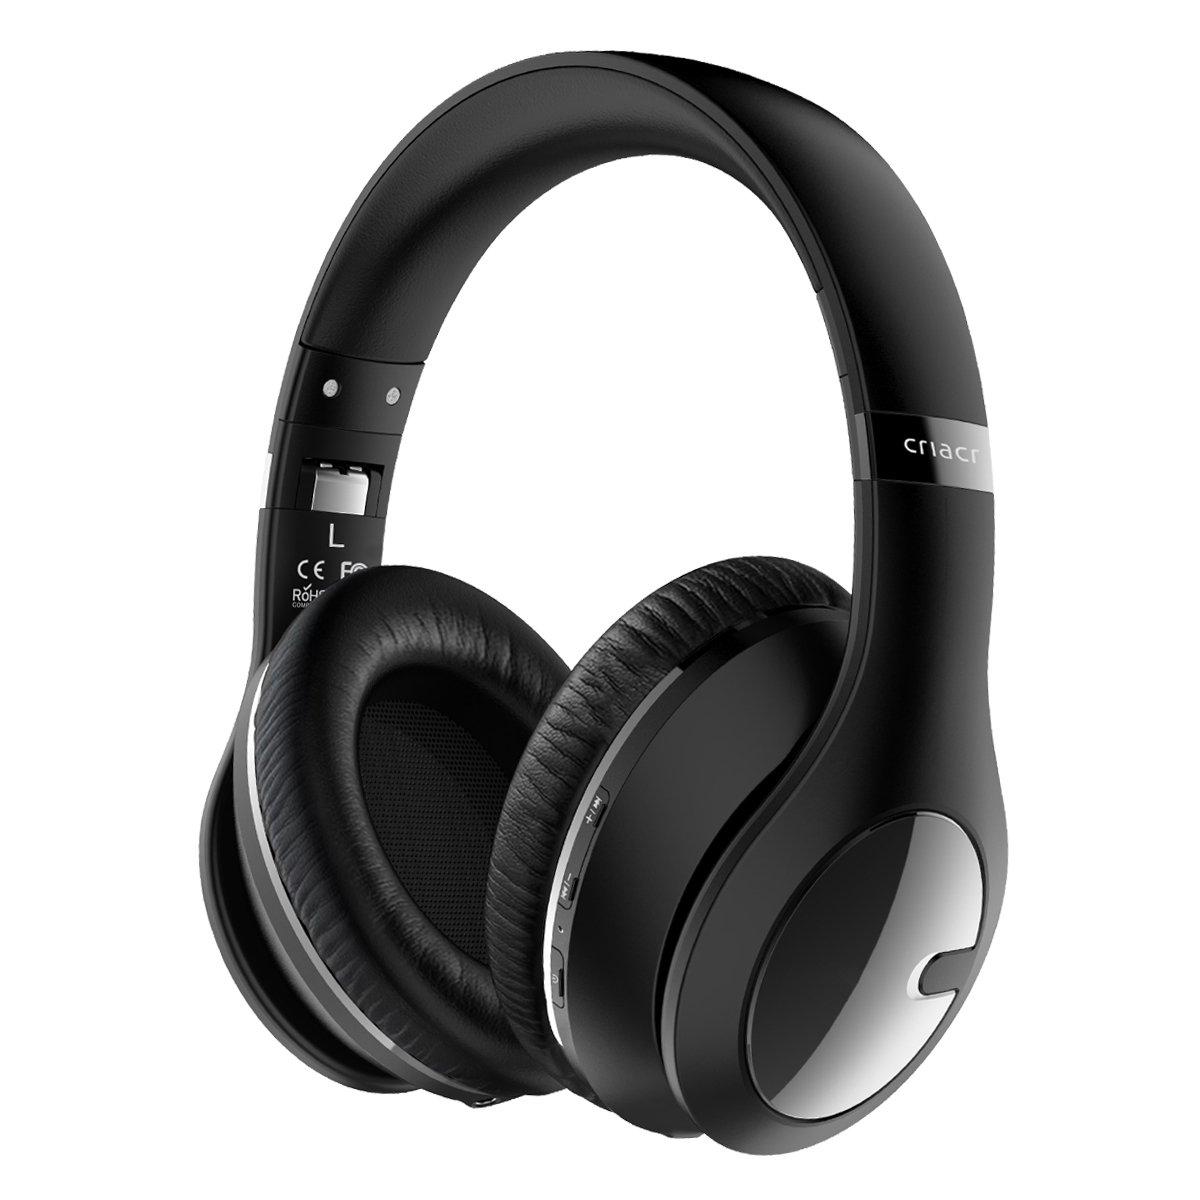 Auriculares Criacr Bluetooth Over-Ear Soft Earmuffs Microfono Incorporadorofono Plegable Liviano Inalambrico Headset con